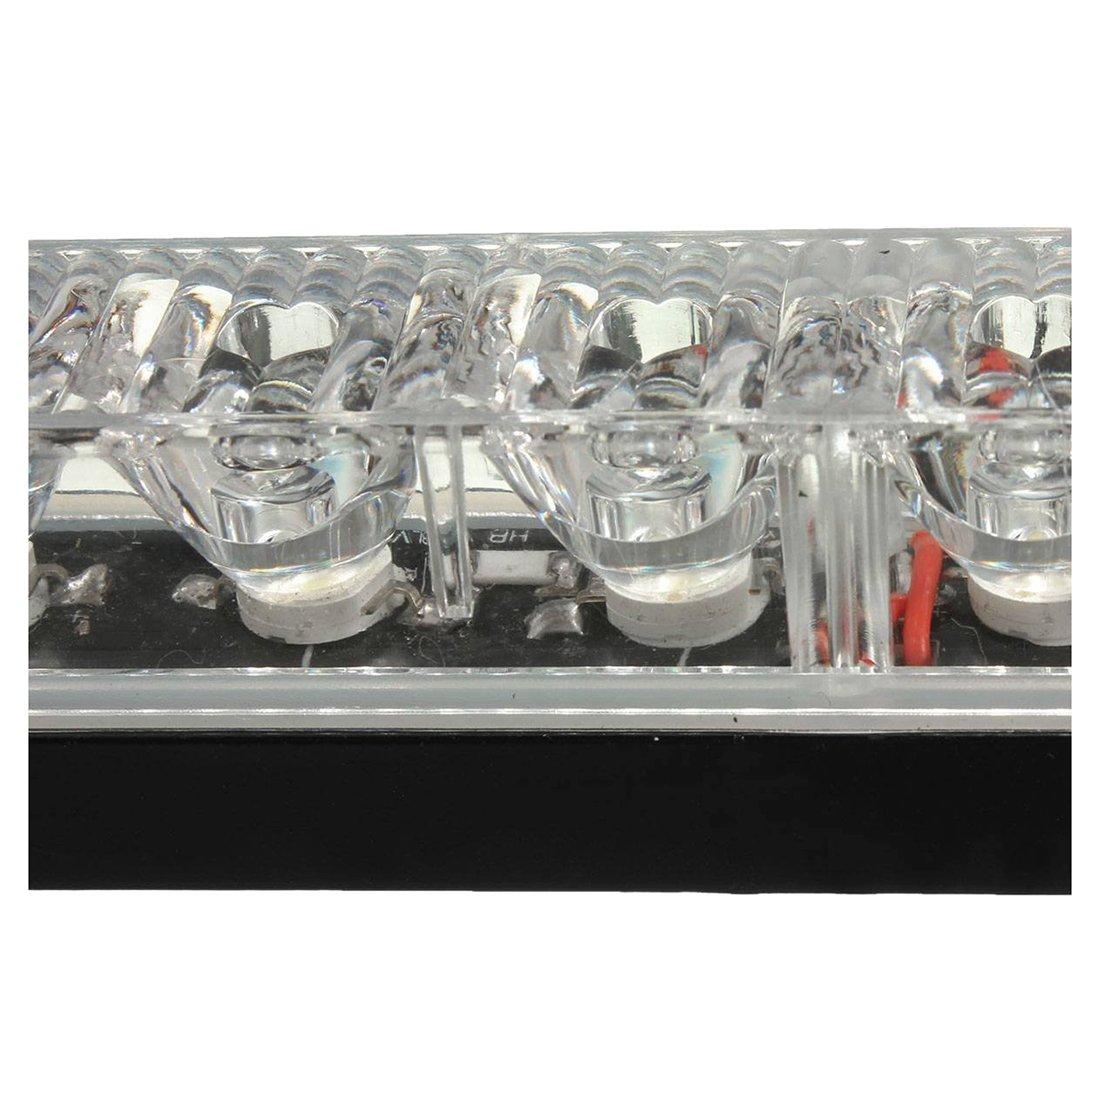 Blanc Froid 7000K 2 X18W Feux de Jour Auto Lampe DRL Diurne de Conduite 18 LED Voiture Ampoule 500LM DC 12V SODIAL R LED lampe feu de jour